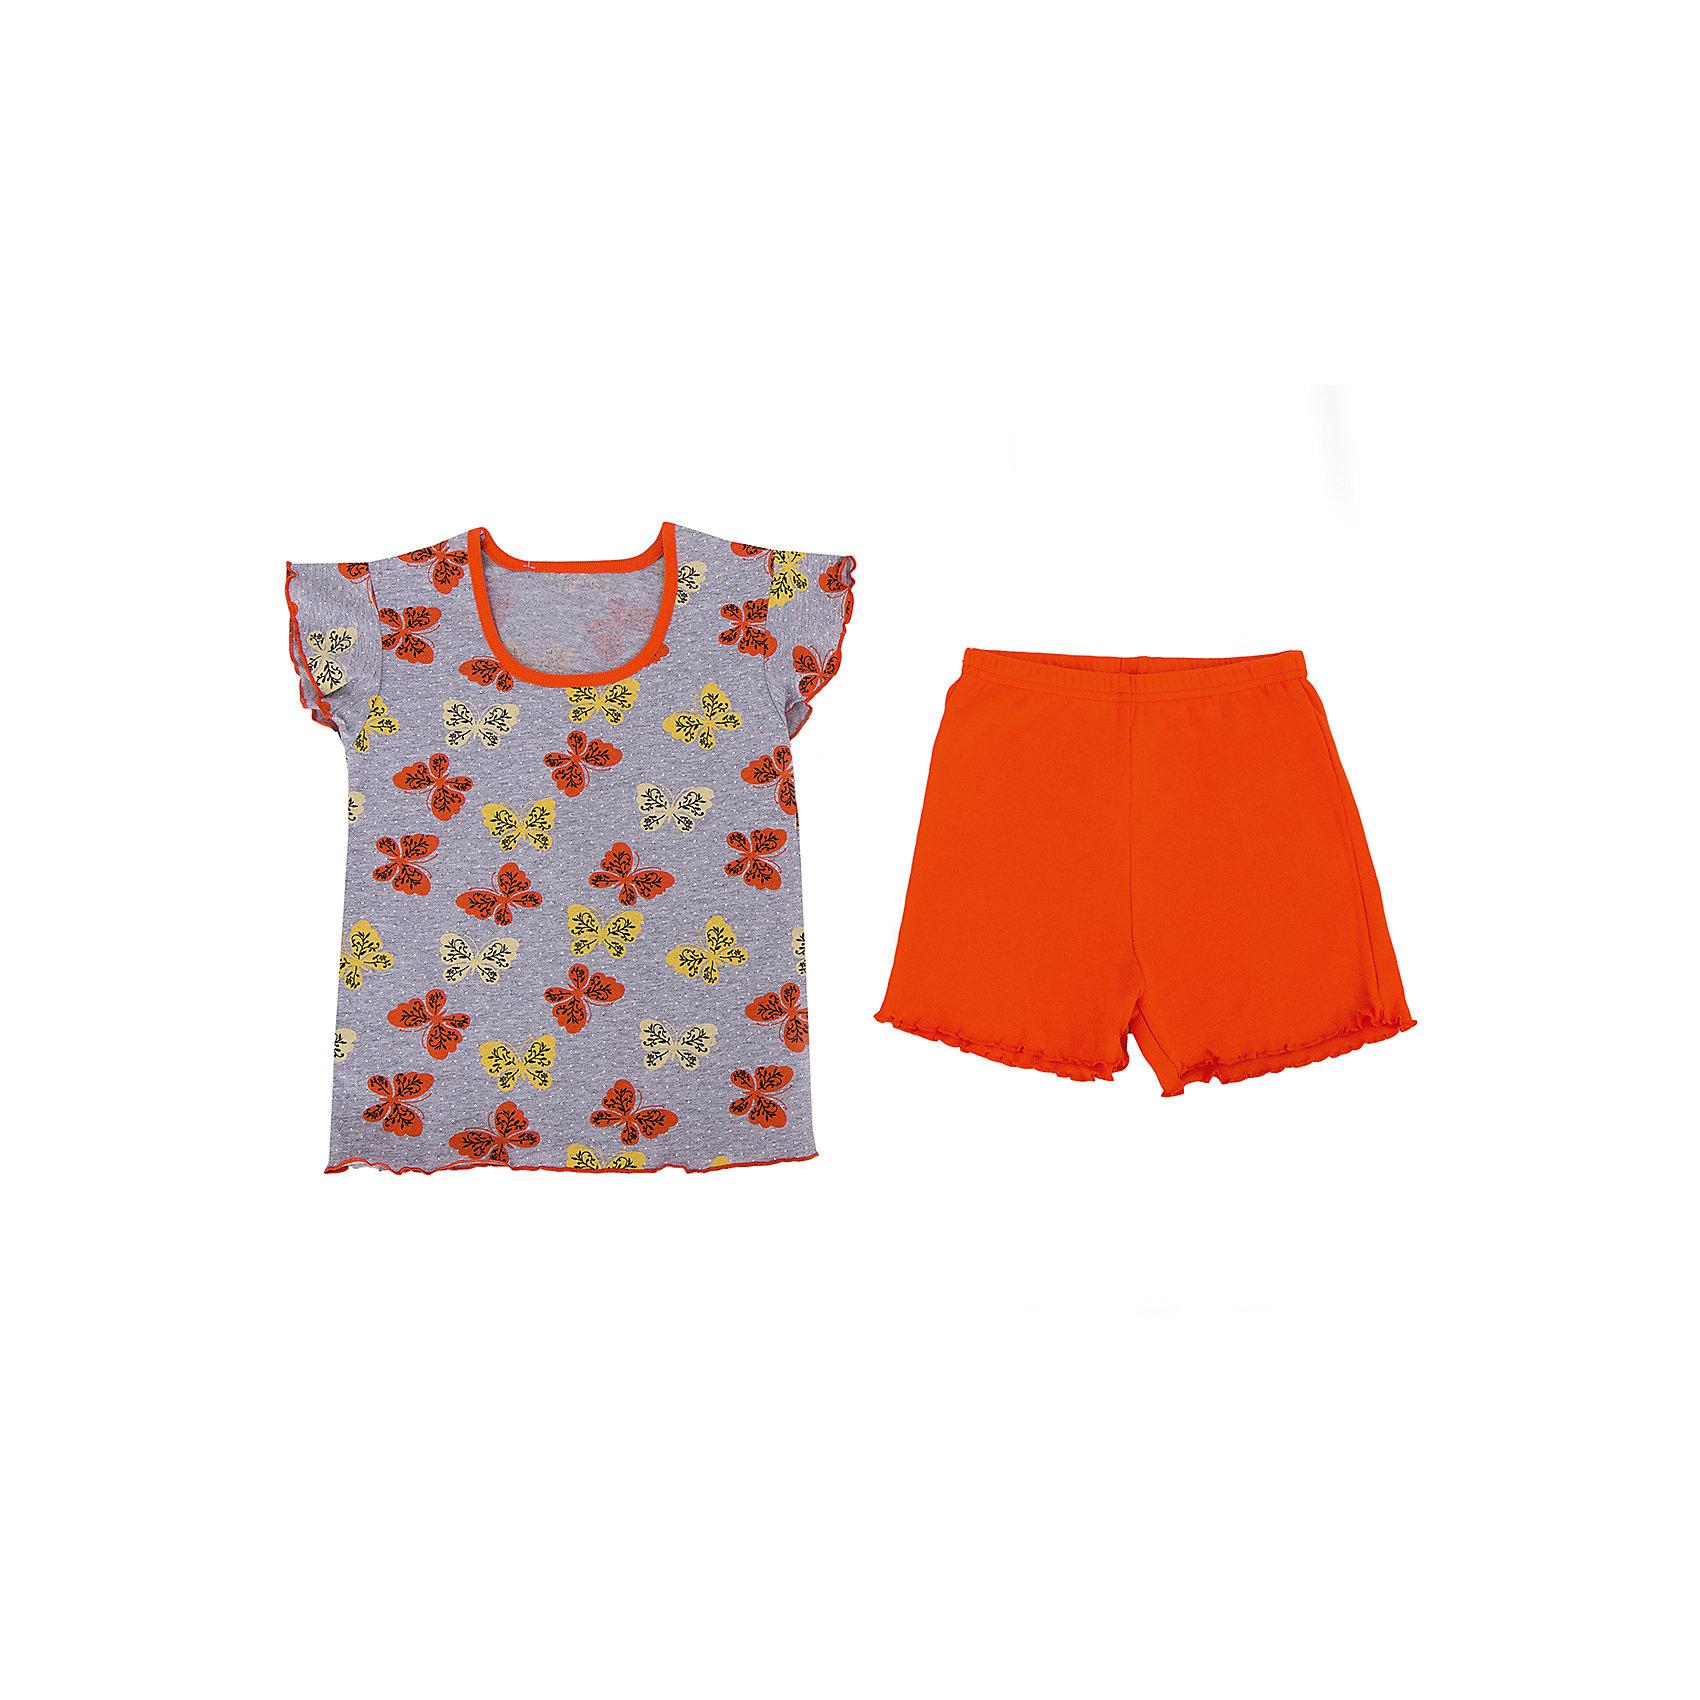 Пижама для девочки АпрельПижамы и сорочки<br>Пижама для девочки от известного бренда Апрель.<br><br>Состав:<br>хлопок 100%, хлопок 65% + полиэстер 35%<br><br>Ширина мм: 281<br>Глубина мм: 70<br>Высота мм: 188<br>Вес г: 295<br>Цвет: оранжевый<br>Возраст от месяцев: 48<br>Возраст до месяцев: 60<br>Пол: Женский<br>Возраст: Детский<br>Размер: 110,128,104,98,116,122<br>SKU: 4768215